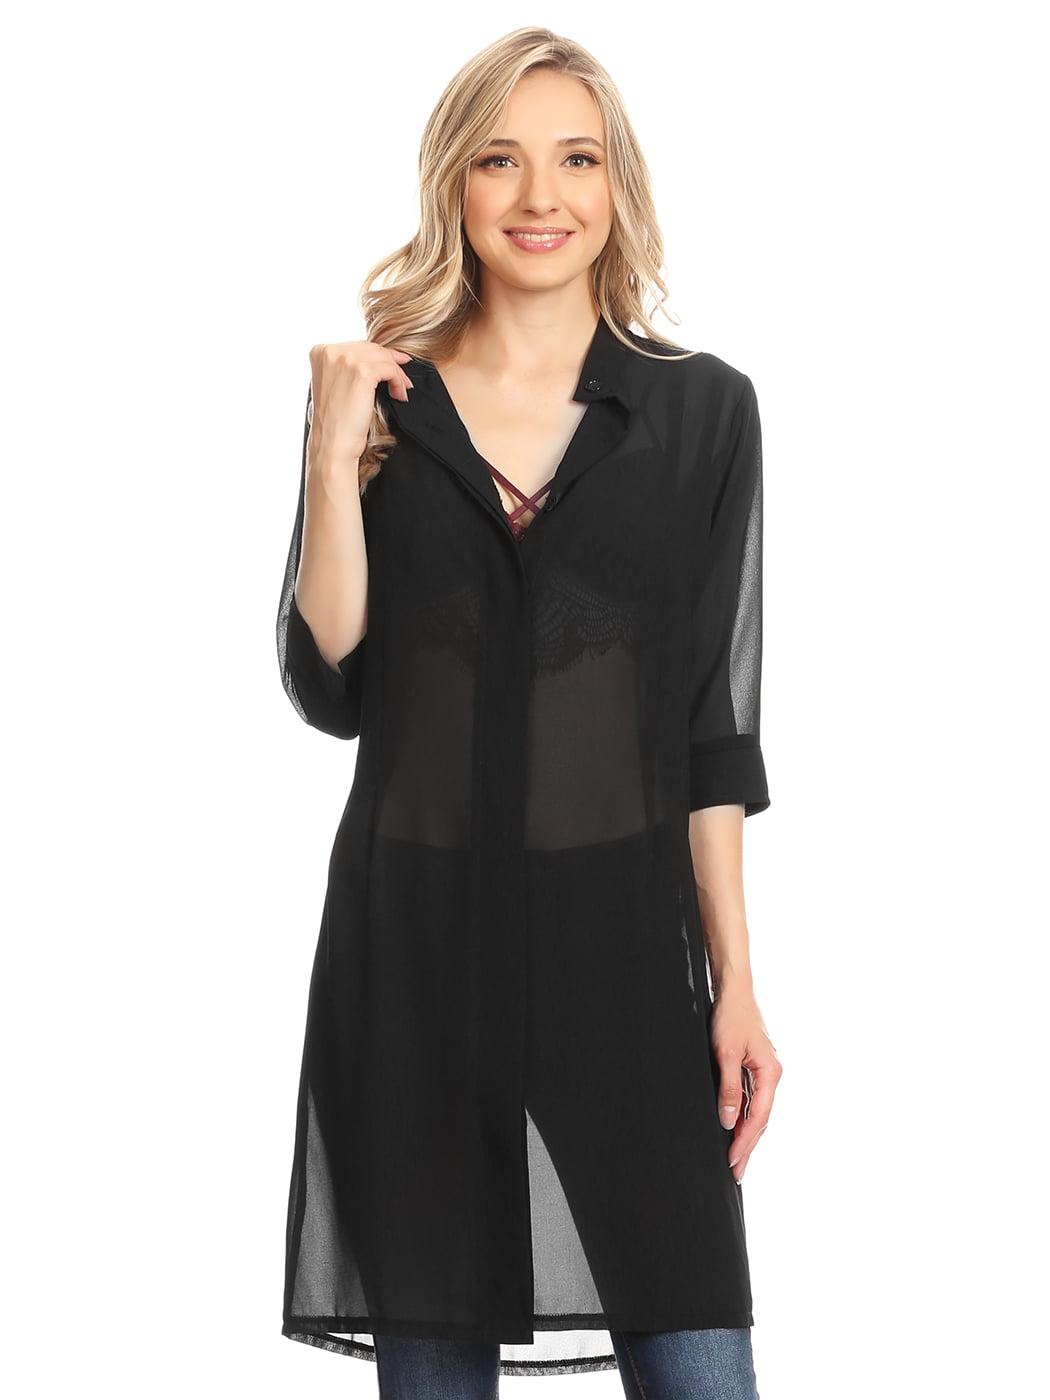 Summer Womens Junior Black Sheer Chiffon Long Tunic Blouse Dress Shirt